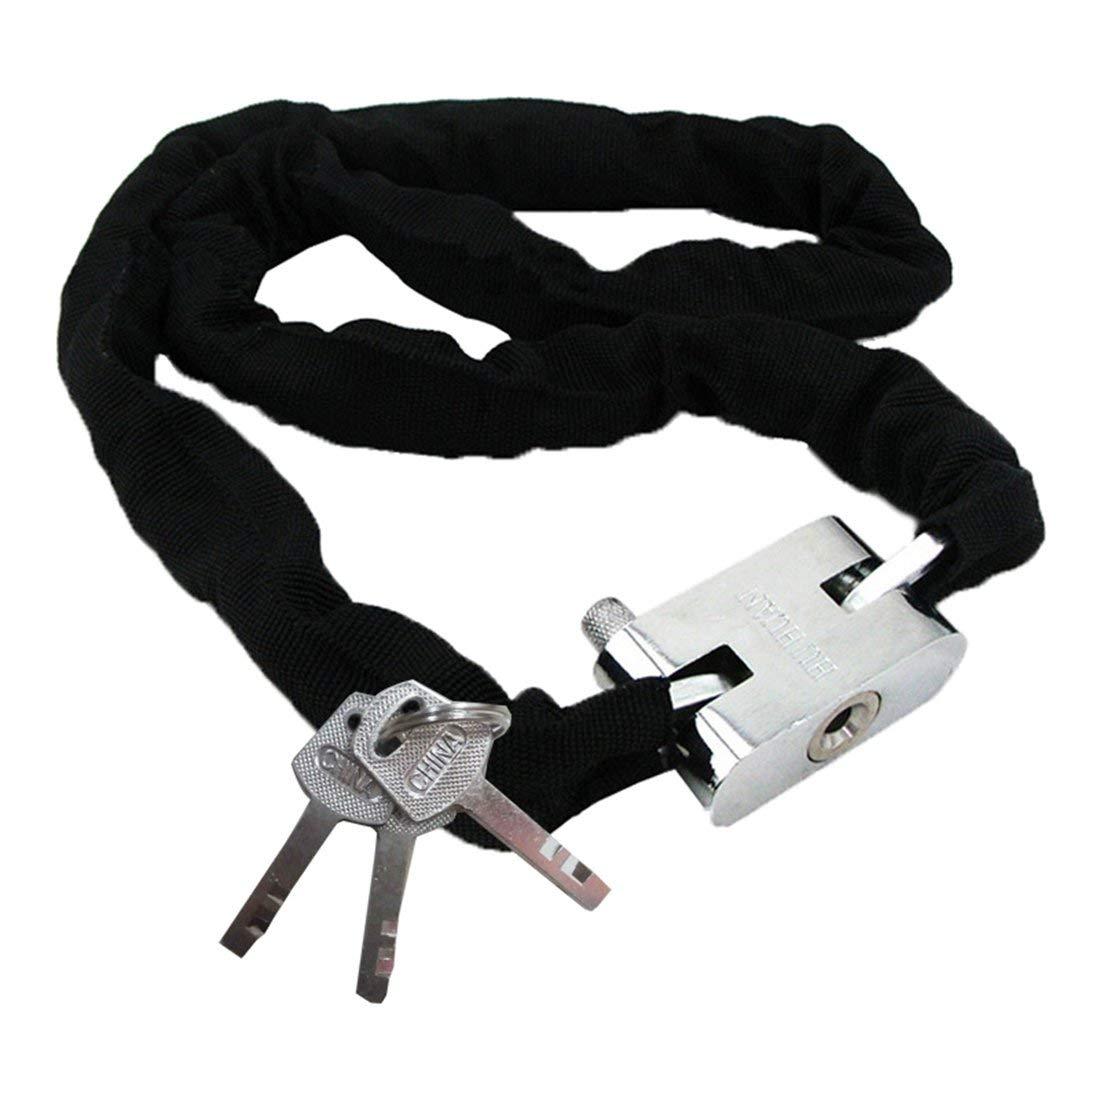 resistente SUNWAN Candado de cadena para bicicleta motocicleta ciclismo de carretera 1 m antirrobo monta/ña con 3 llaves para bicicleta